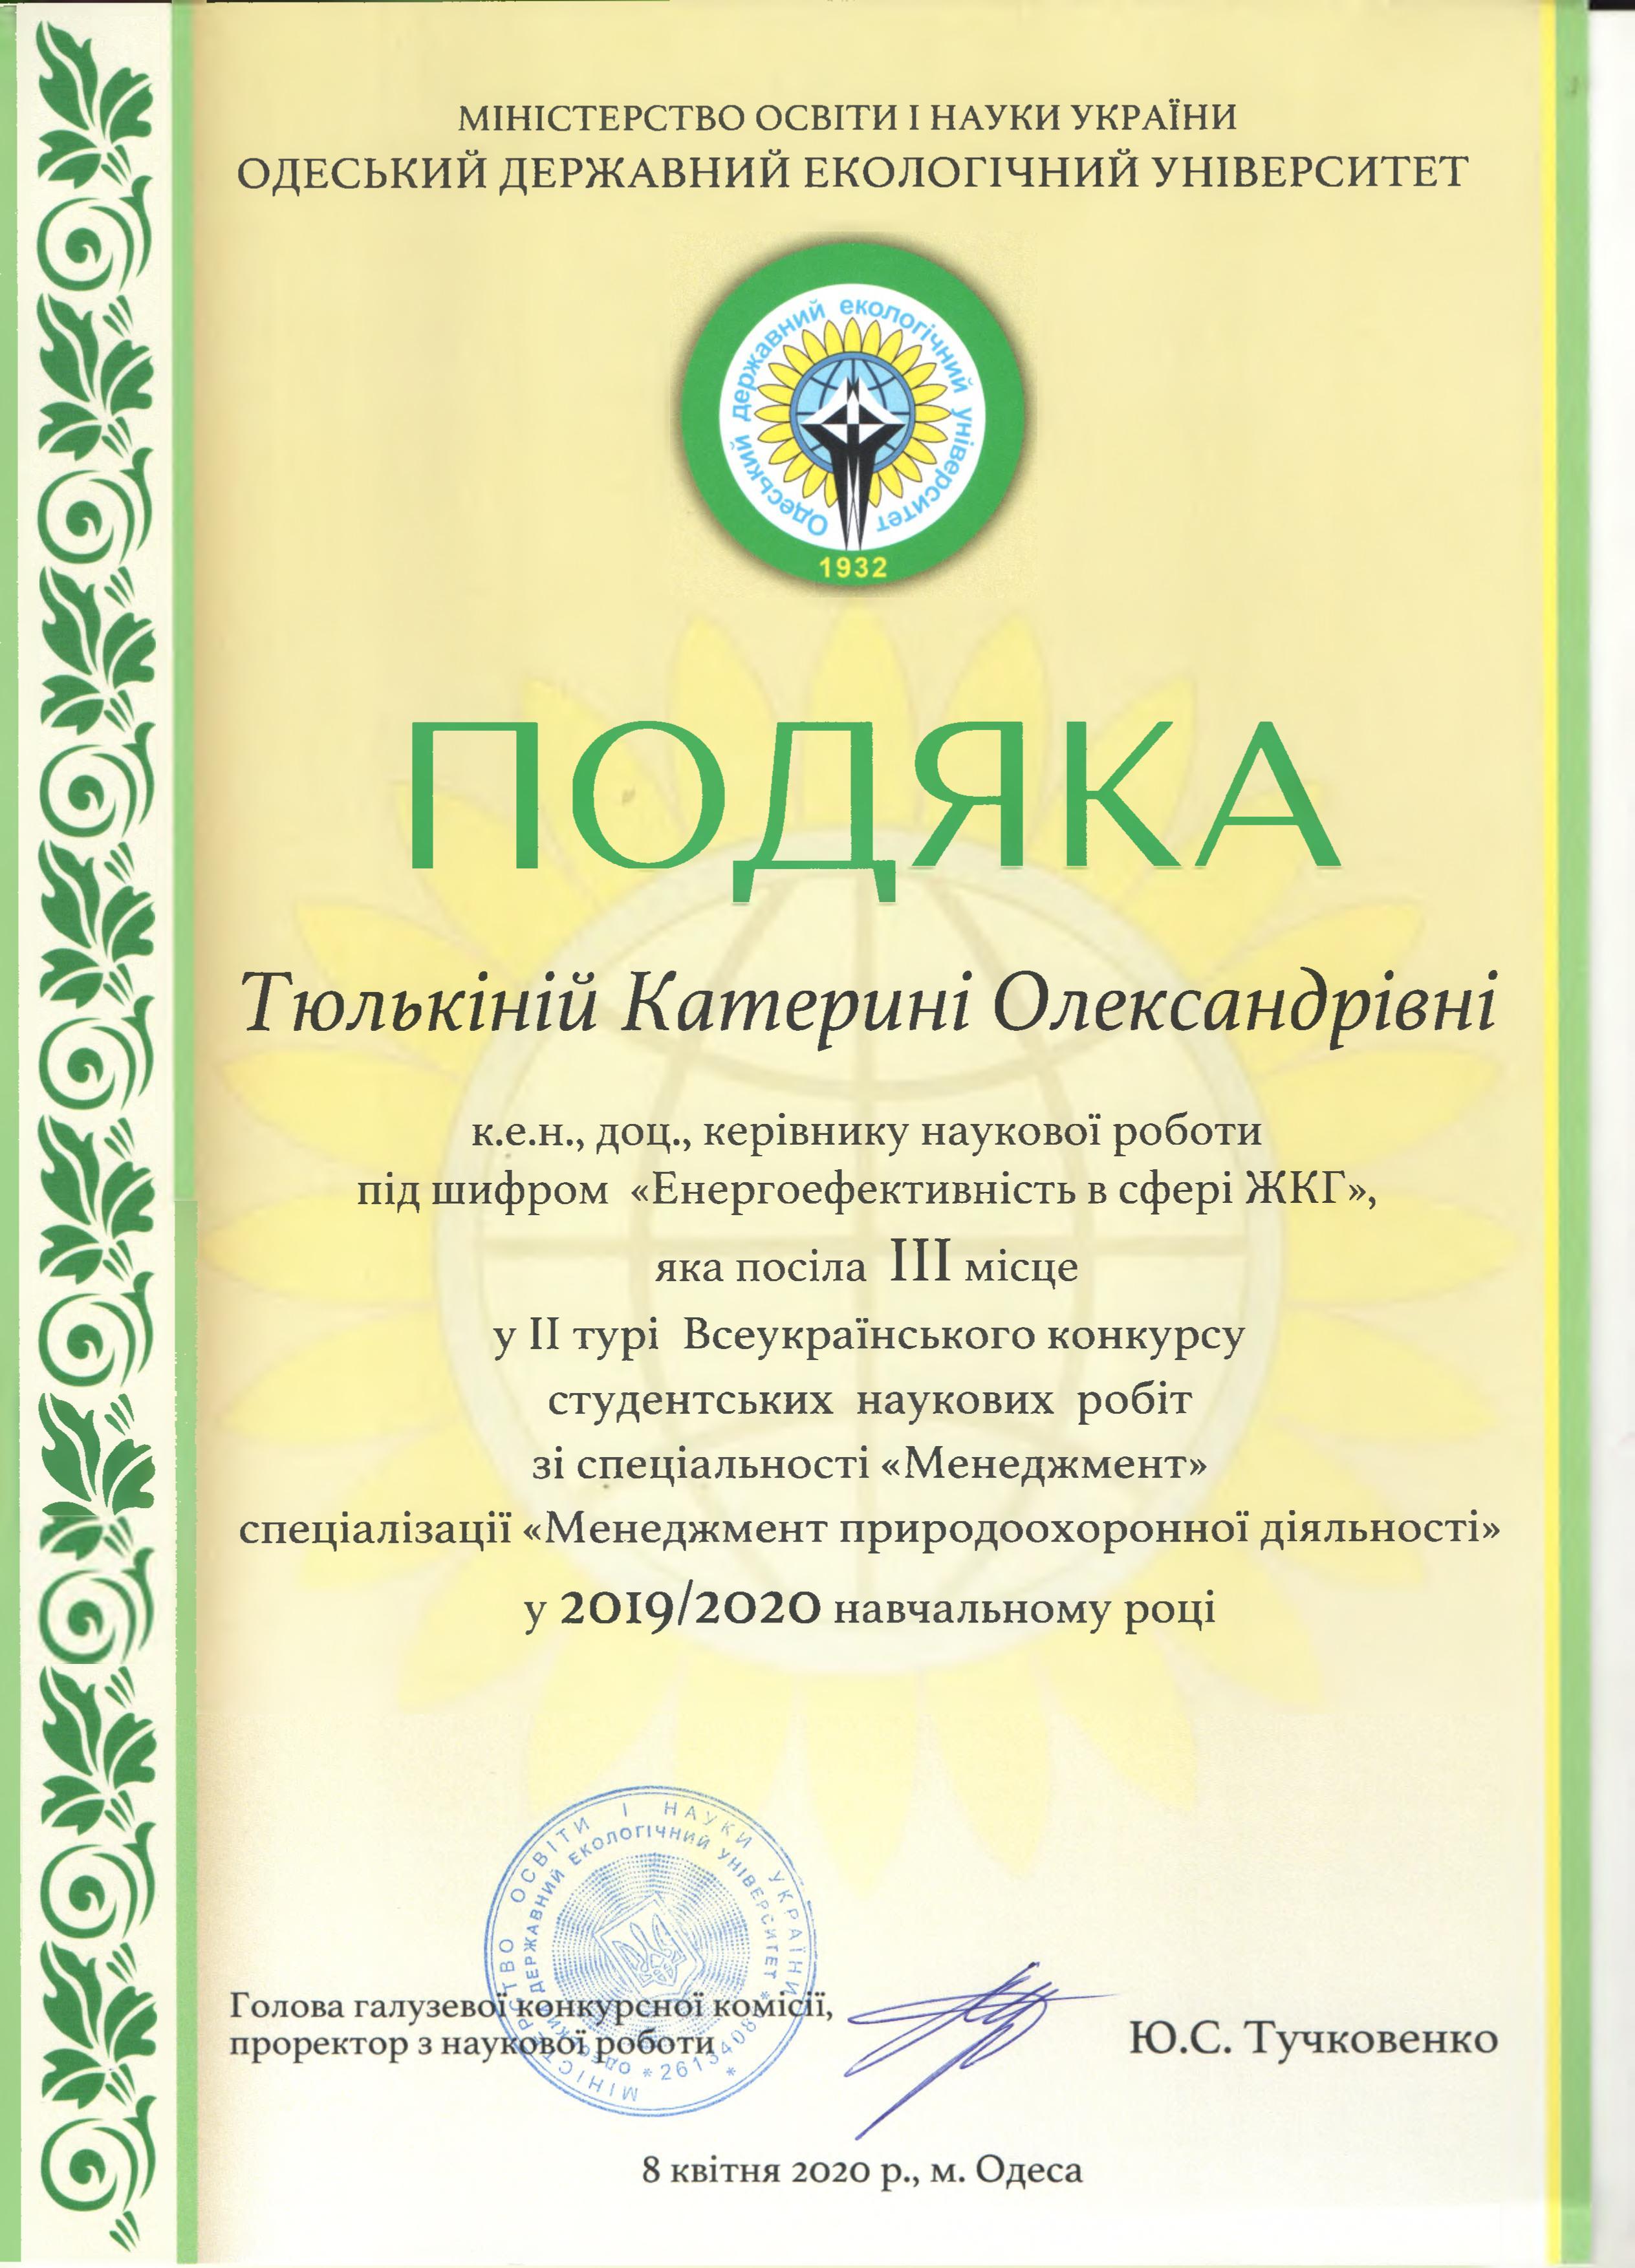 грамота конкурс студентських наукових робіт зі спеціальності Менеджмент Тюлькіна